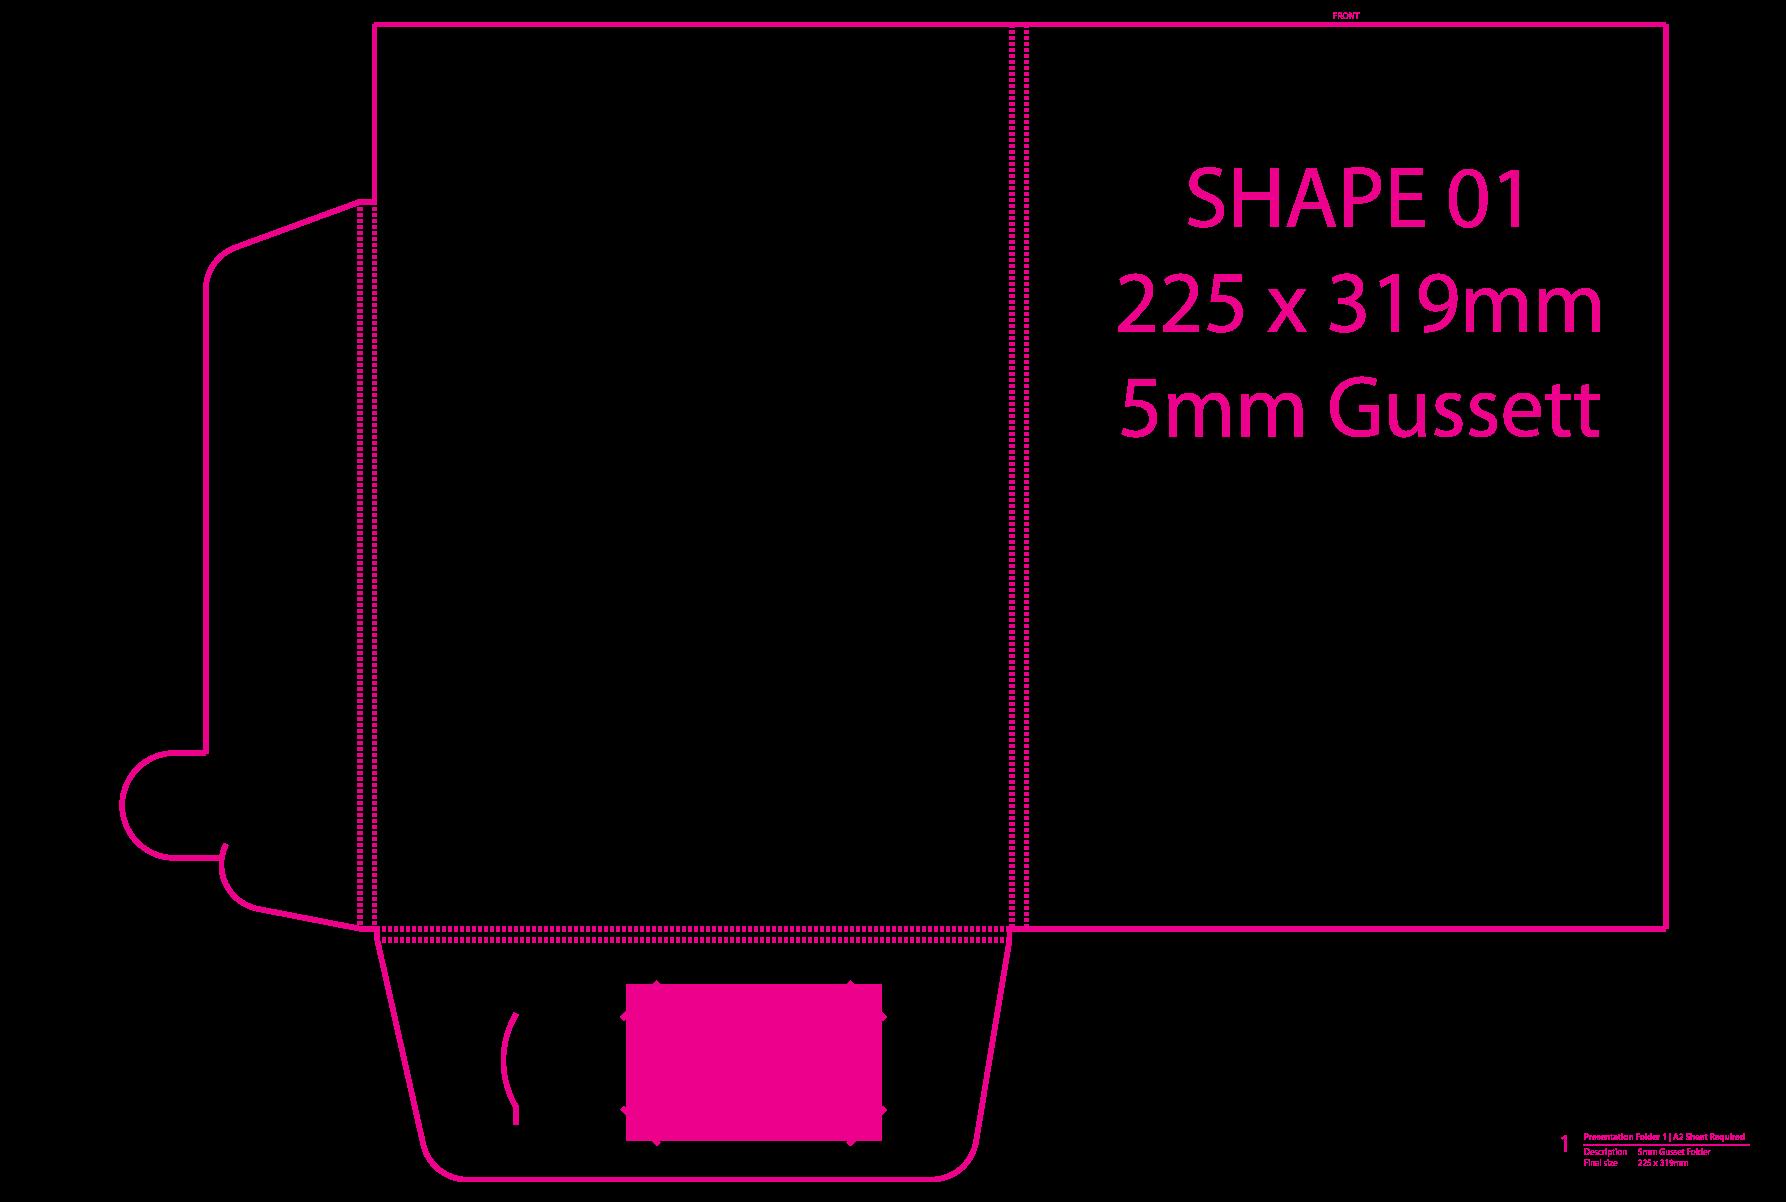 Shape 01 (5mm Gussett)